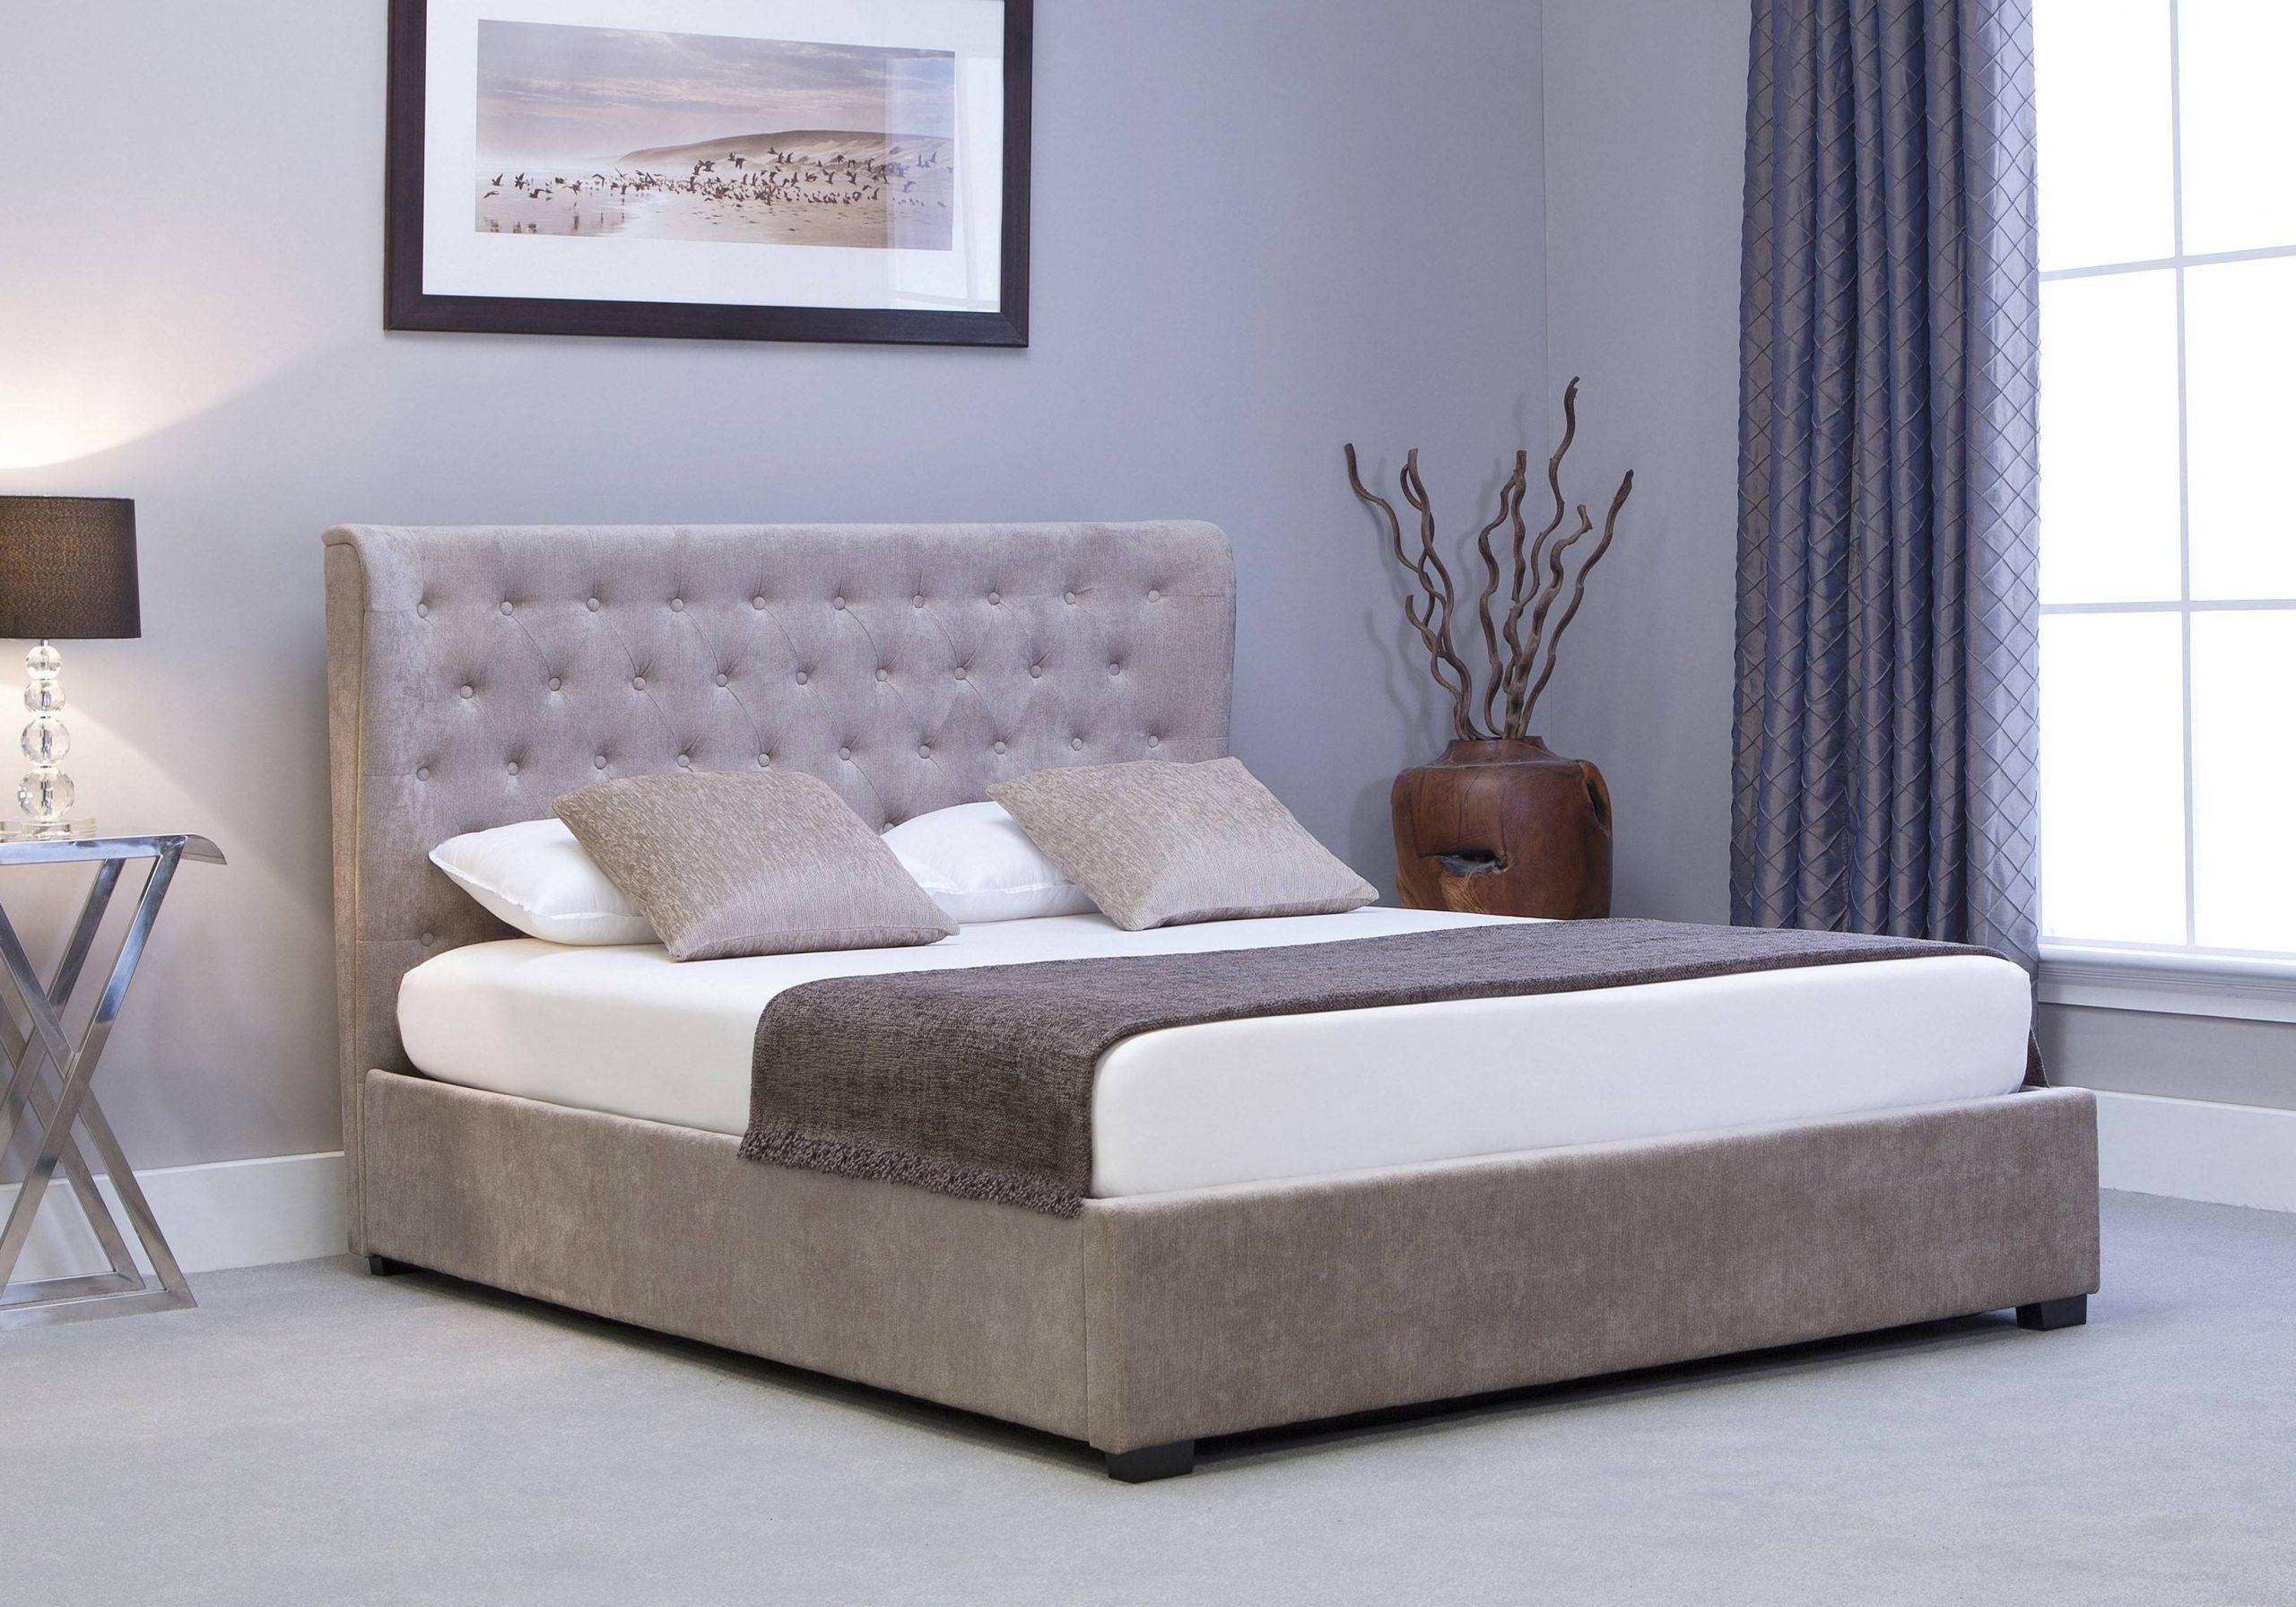 Full Size of Bett Mit Aufbewahrung 90x200 Betten 120x200 Ikea Malm 140x200 Stauraum Vakuum 160x200 Aufbewahrungstasche 180x200 L Sofa Schlaffunktion Aufbewahrungssystem Bett Betten Mit Aufbewahrung